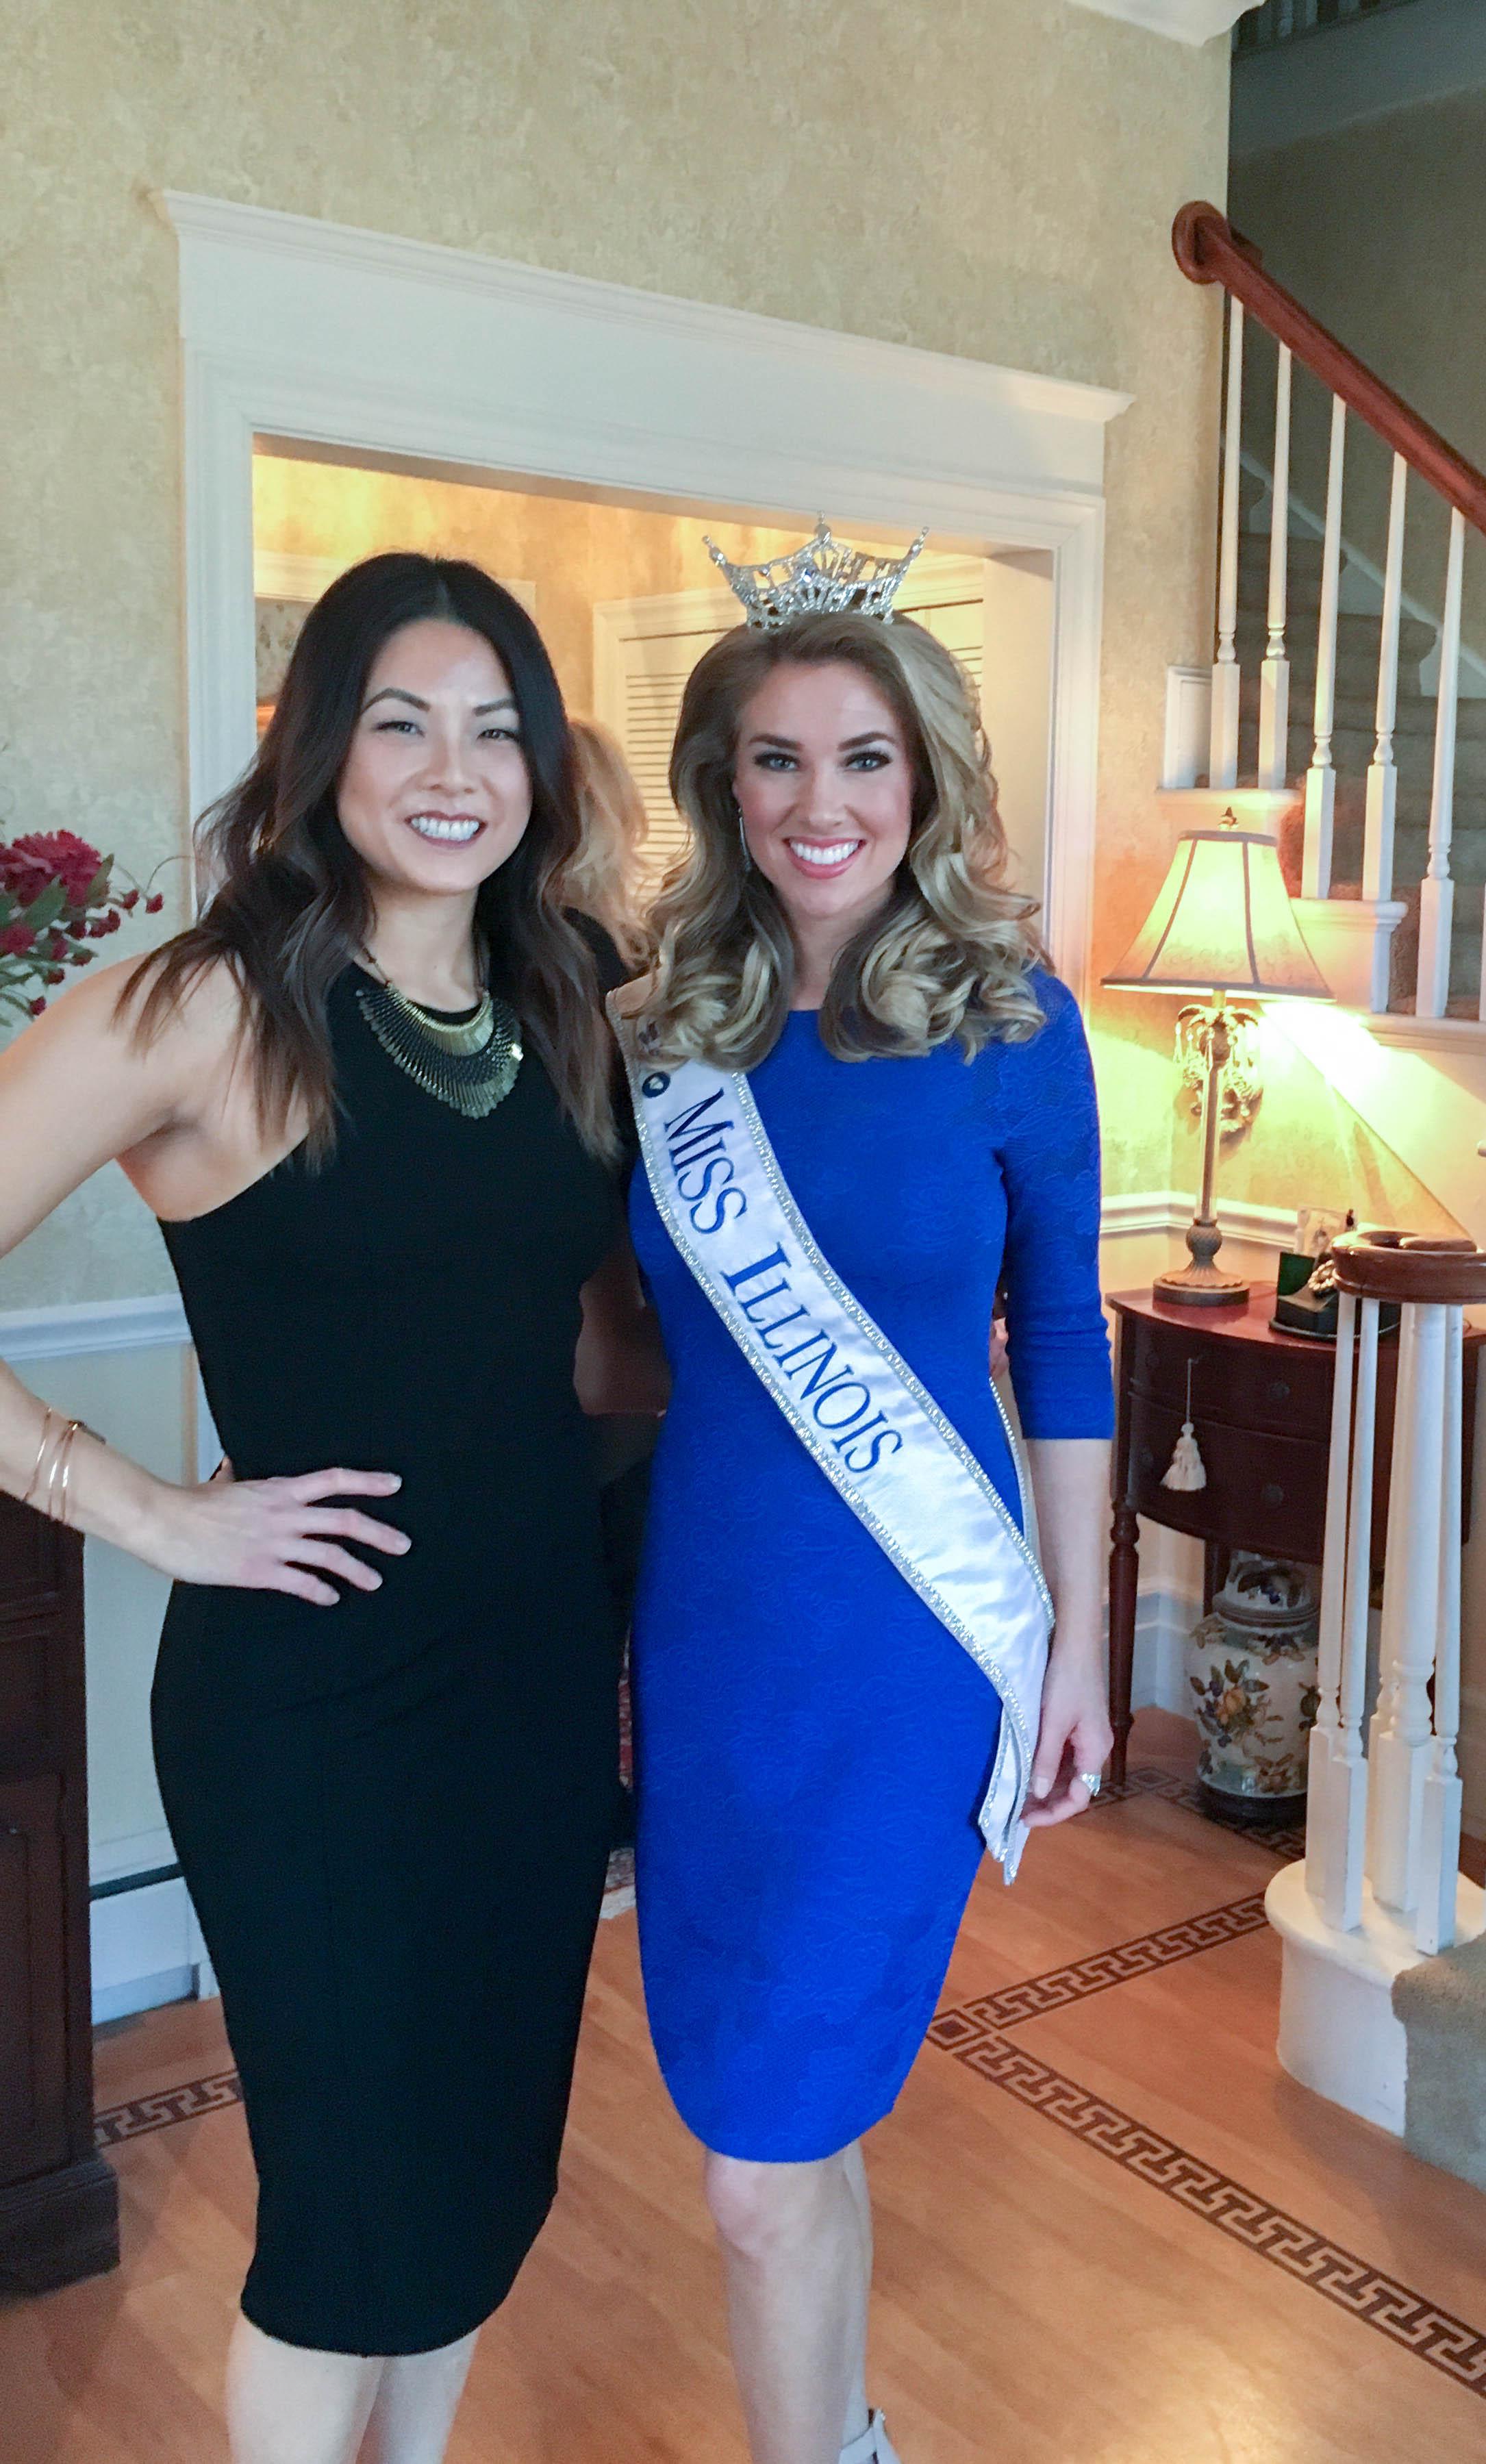 The stunning 2016 Miss Illinois, Jaryn Franklin.